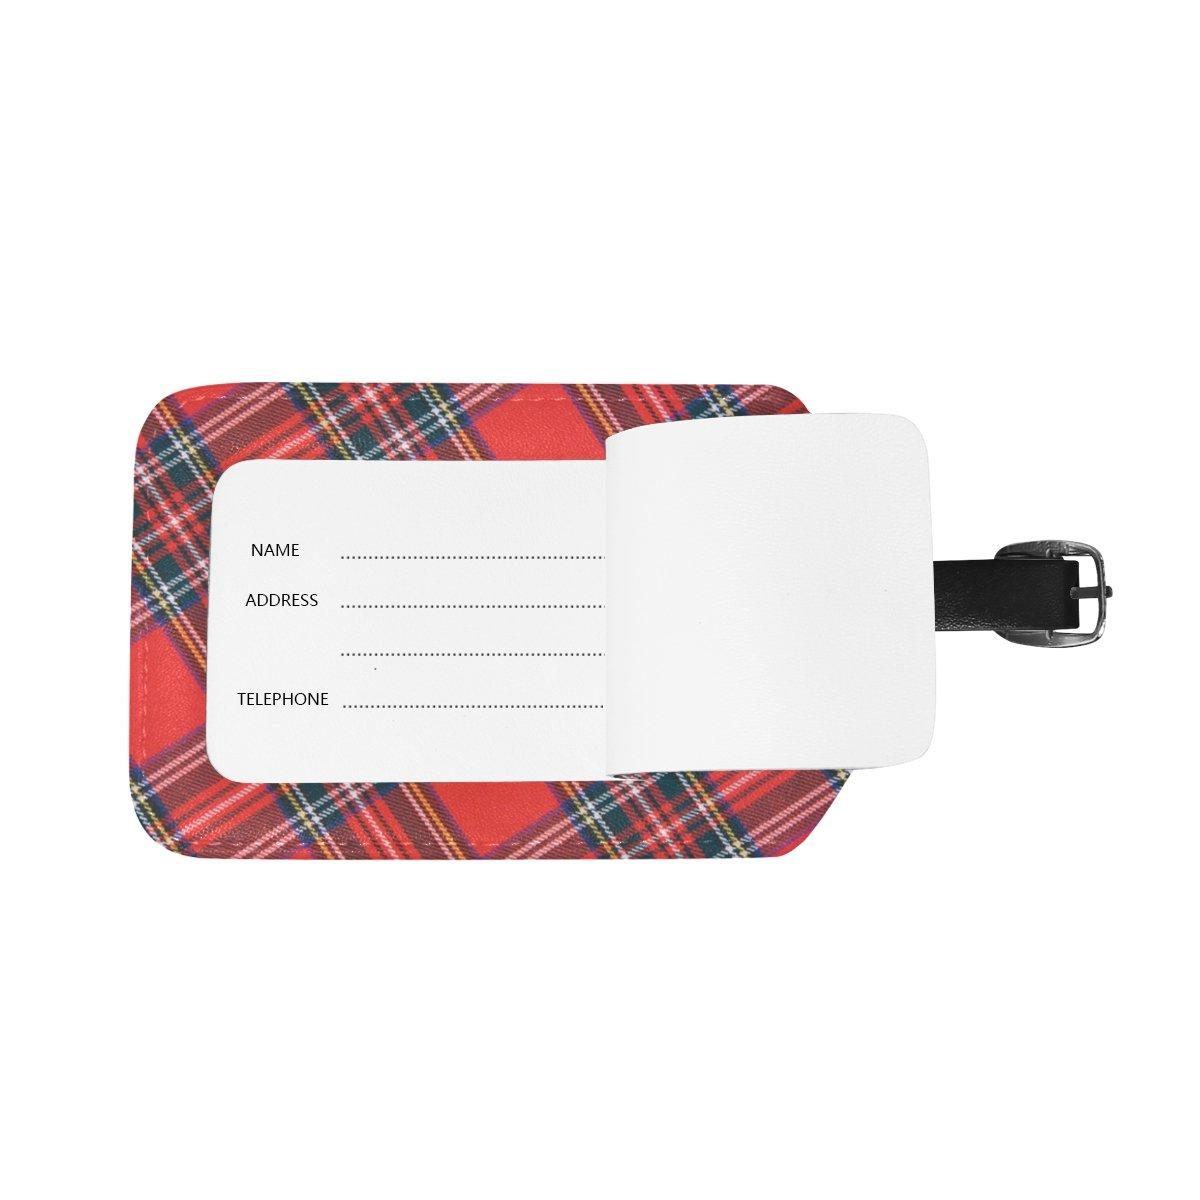 COOSUN Royal Stewart Tartan Etiquettes de Bagages Voyage Labels Nom Tag Titulaire de la Carte pour Les Bagages Valise Sacs /à Dos Sac 2 PCS M Multicolore